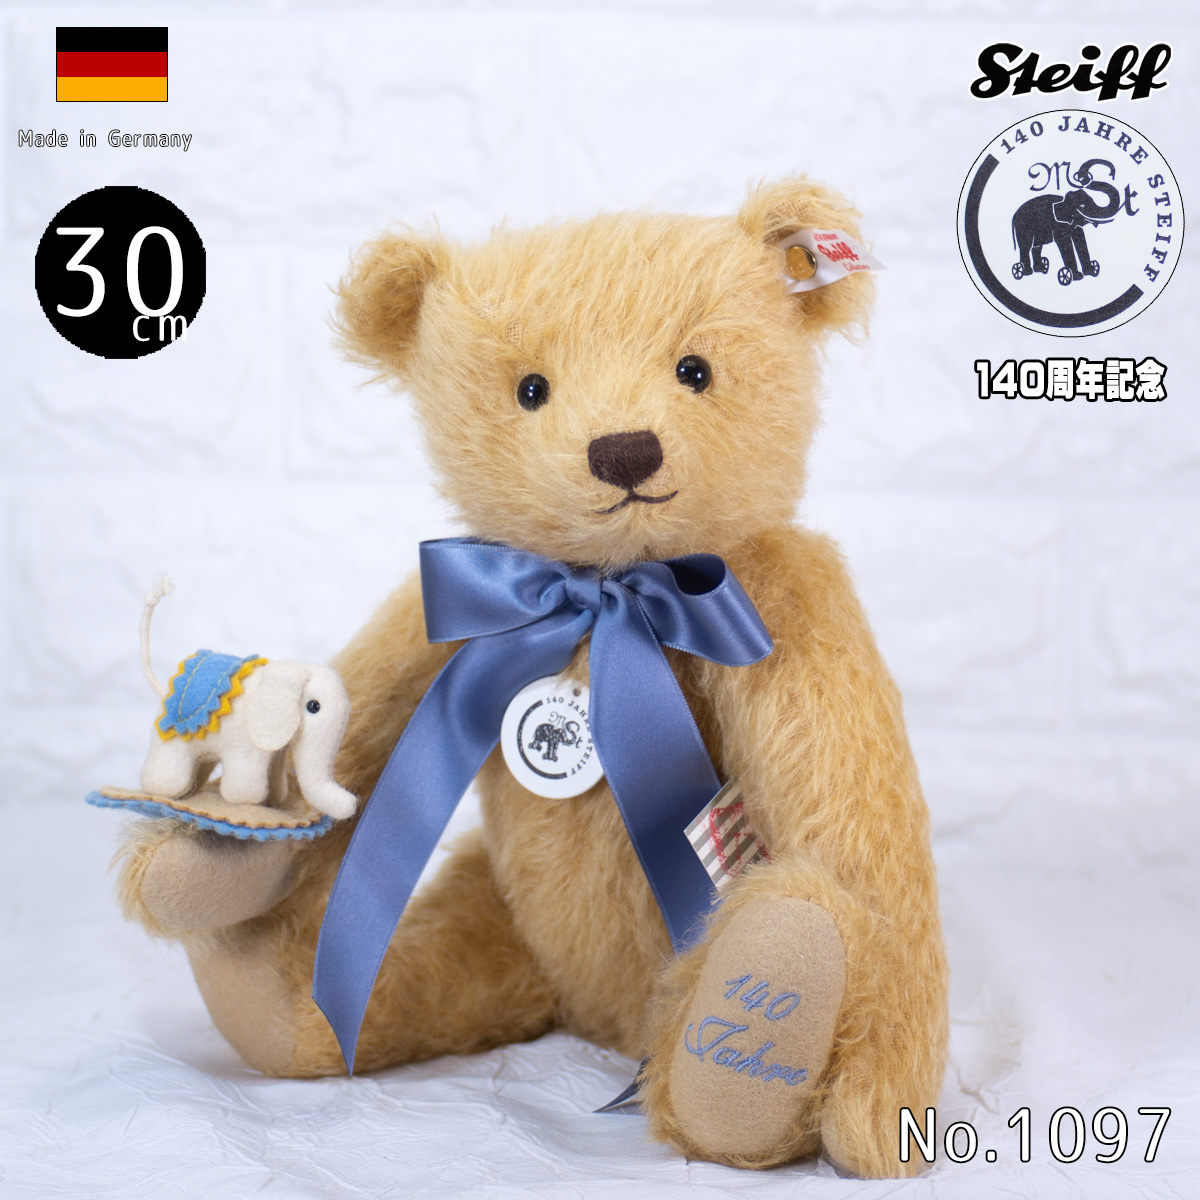 シュタイフ テディベア Steiff Steiff 140周年記念ベア テディベア with リトルフェルト エレファント 世界限定 TEDDY BEAR W/LITTLE FELT ELEPHANT